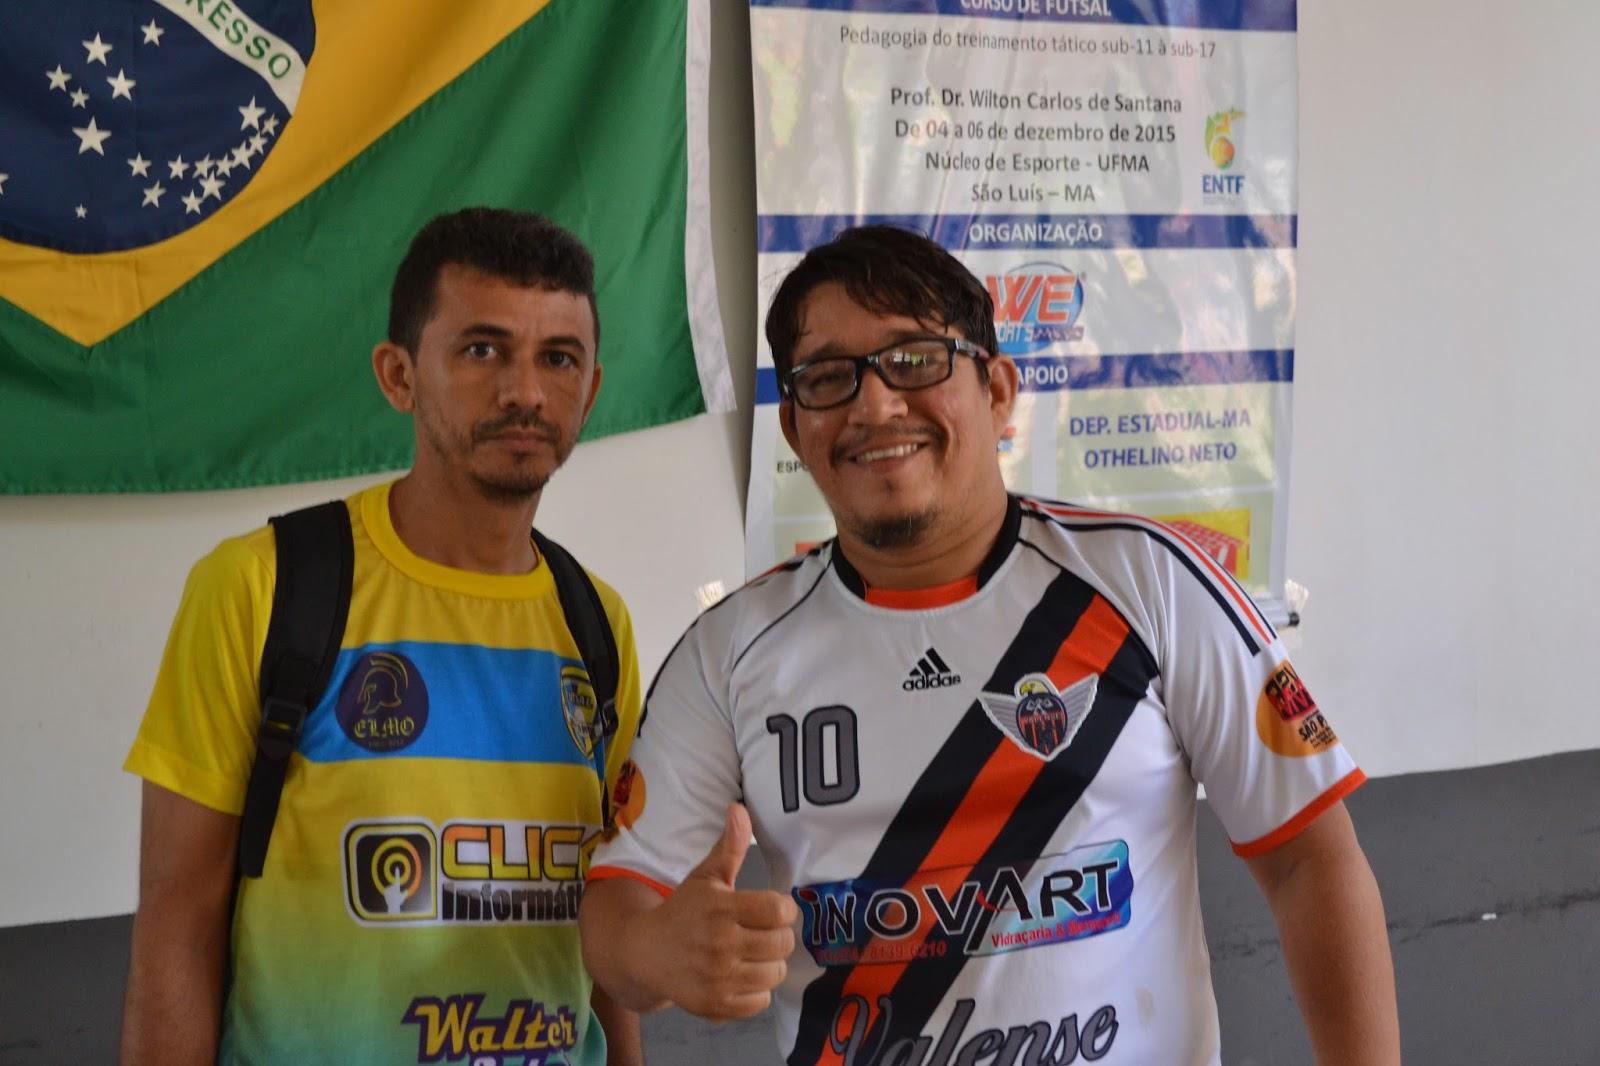 147a2471da Pedro e sua comissão técnica da escolinha Flacão 12.